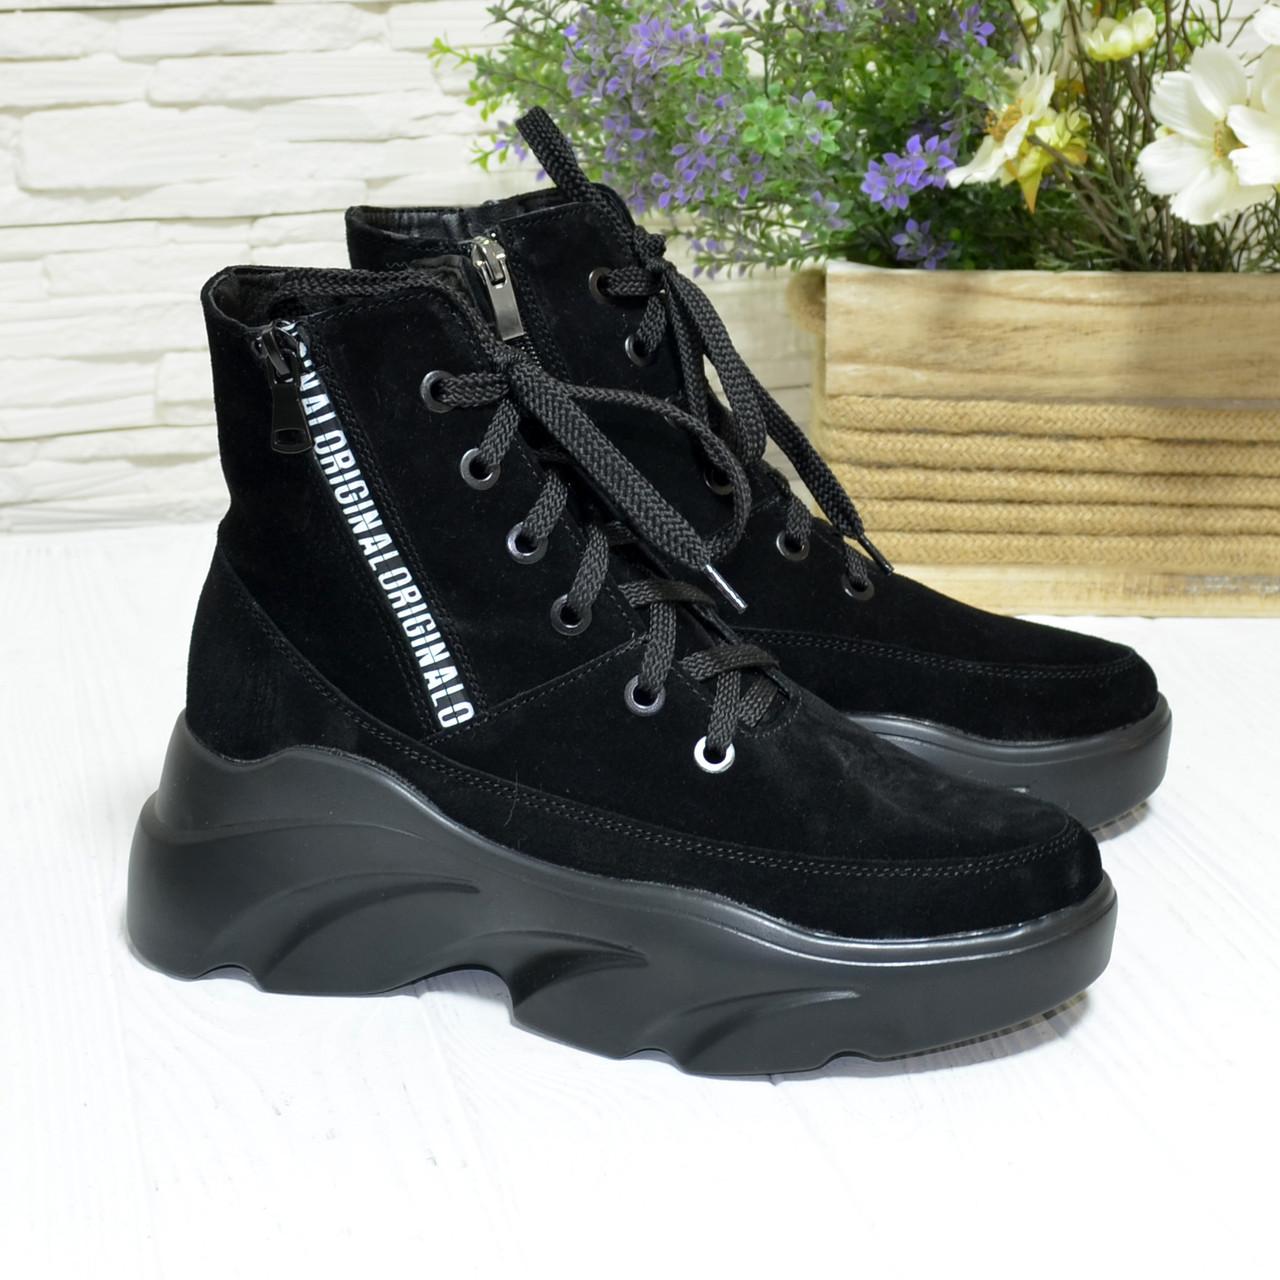 Ботинки замшевые зимние в спортивном стиле